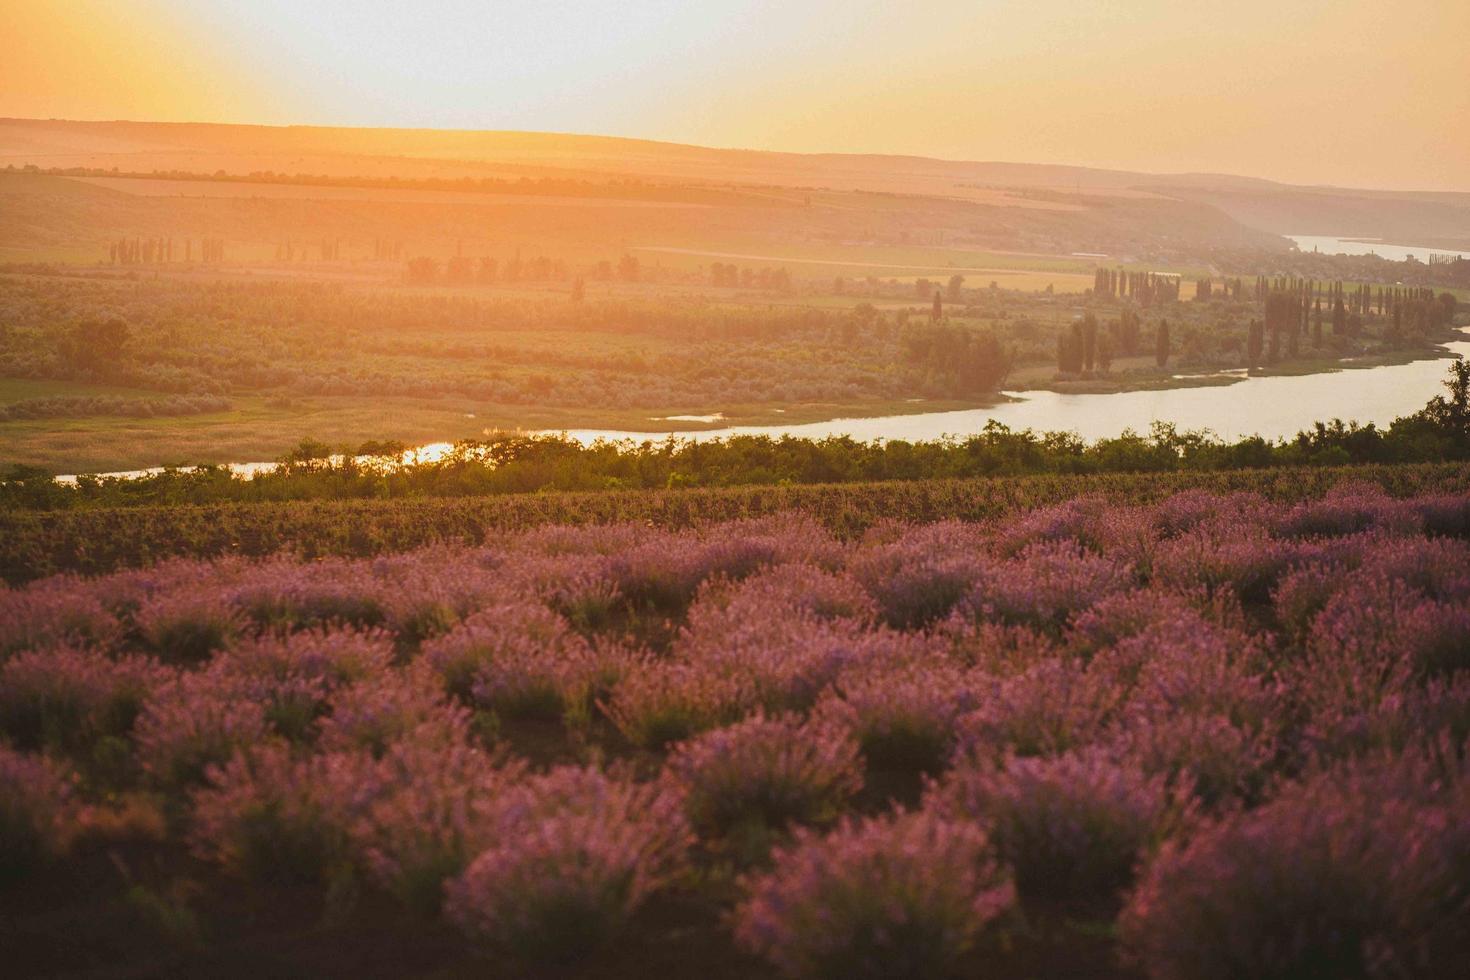 ein Lavendelfeld in der Nähe des Baches foto